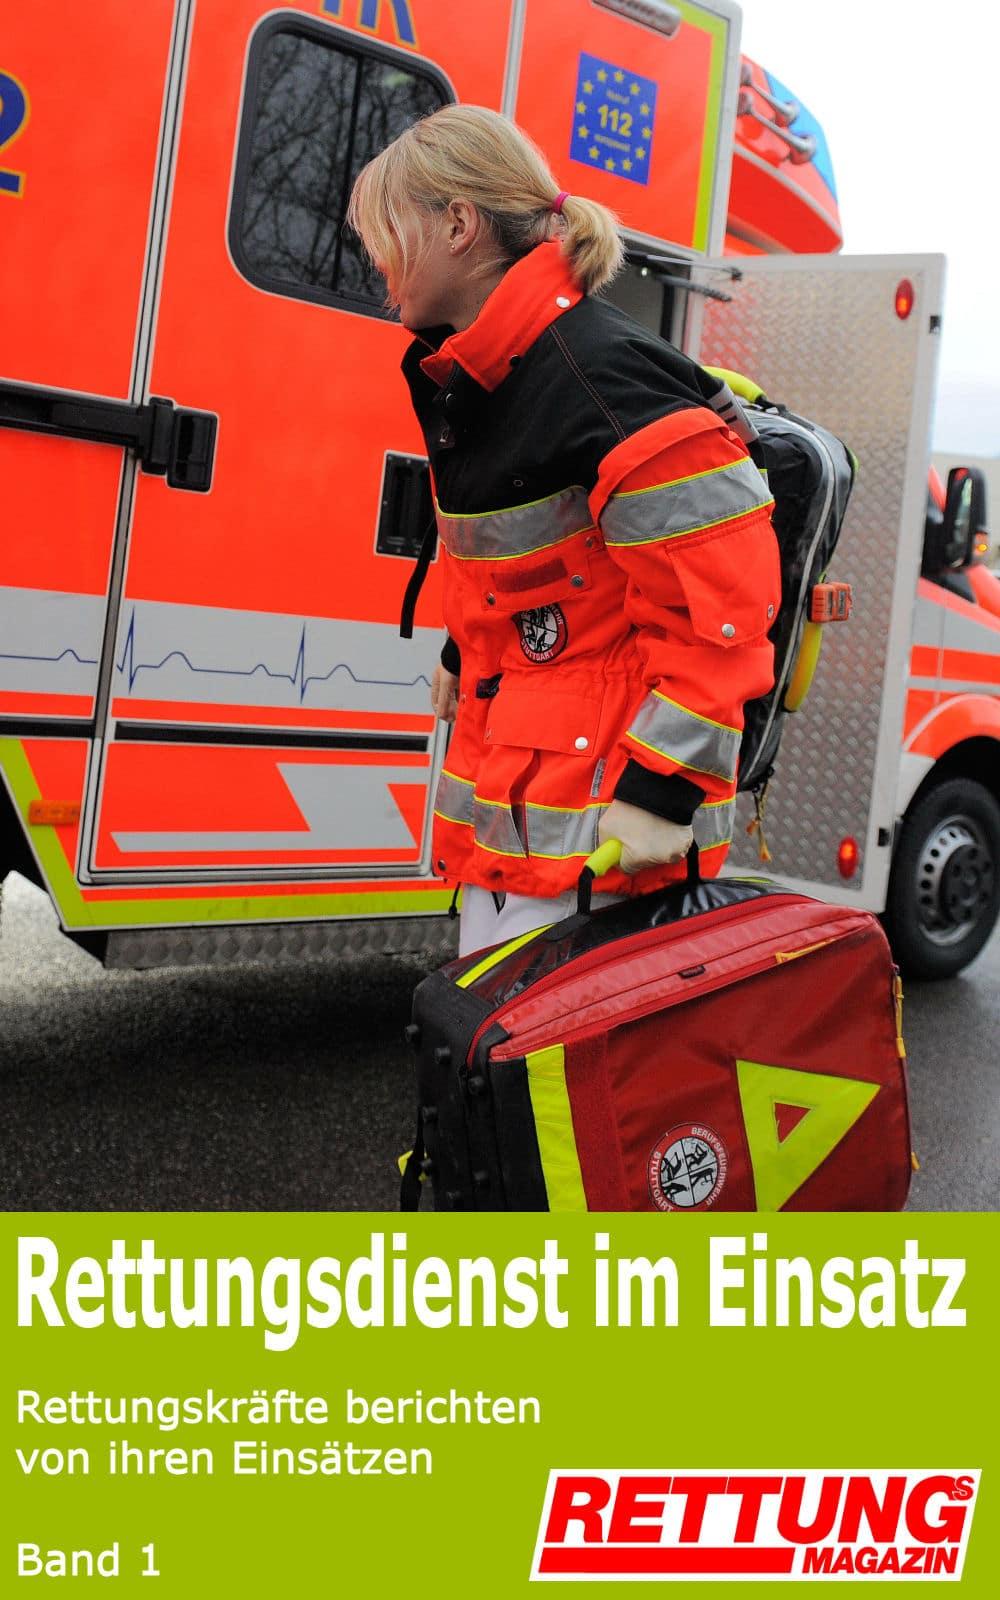 eBook_Rettungsdienst_im_Einsatz